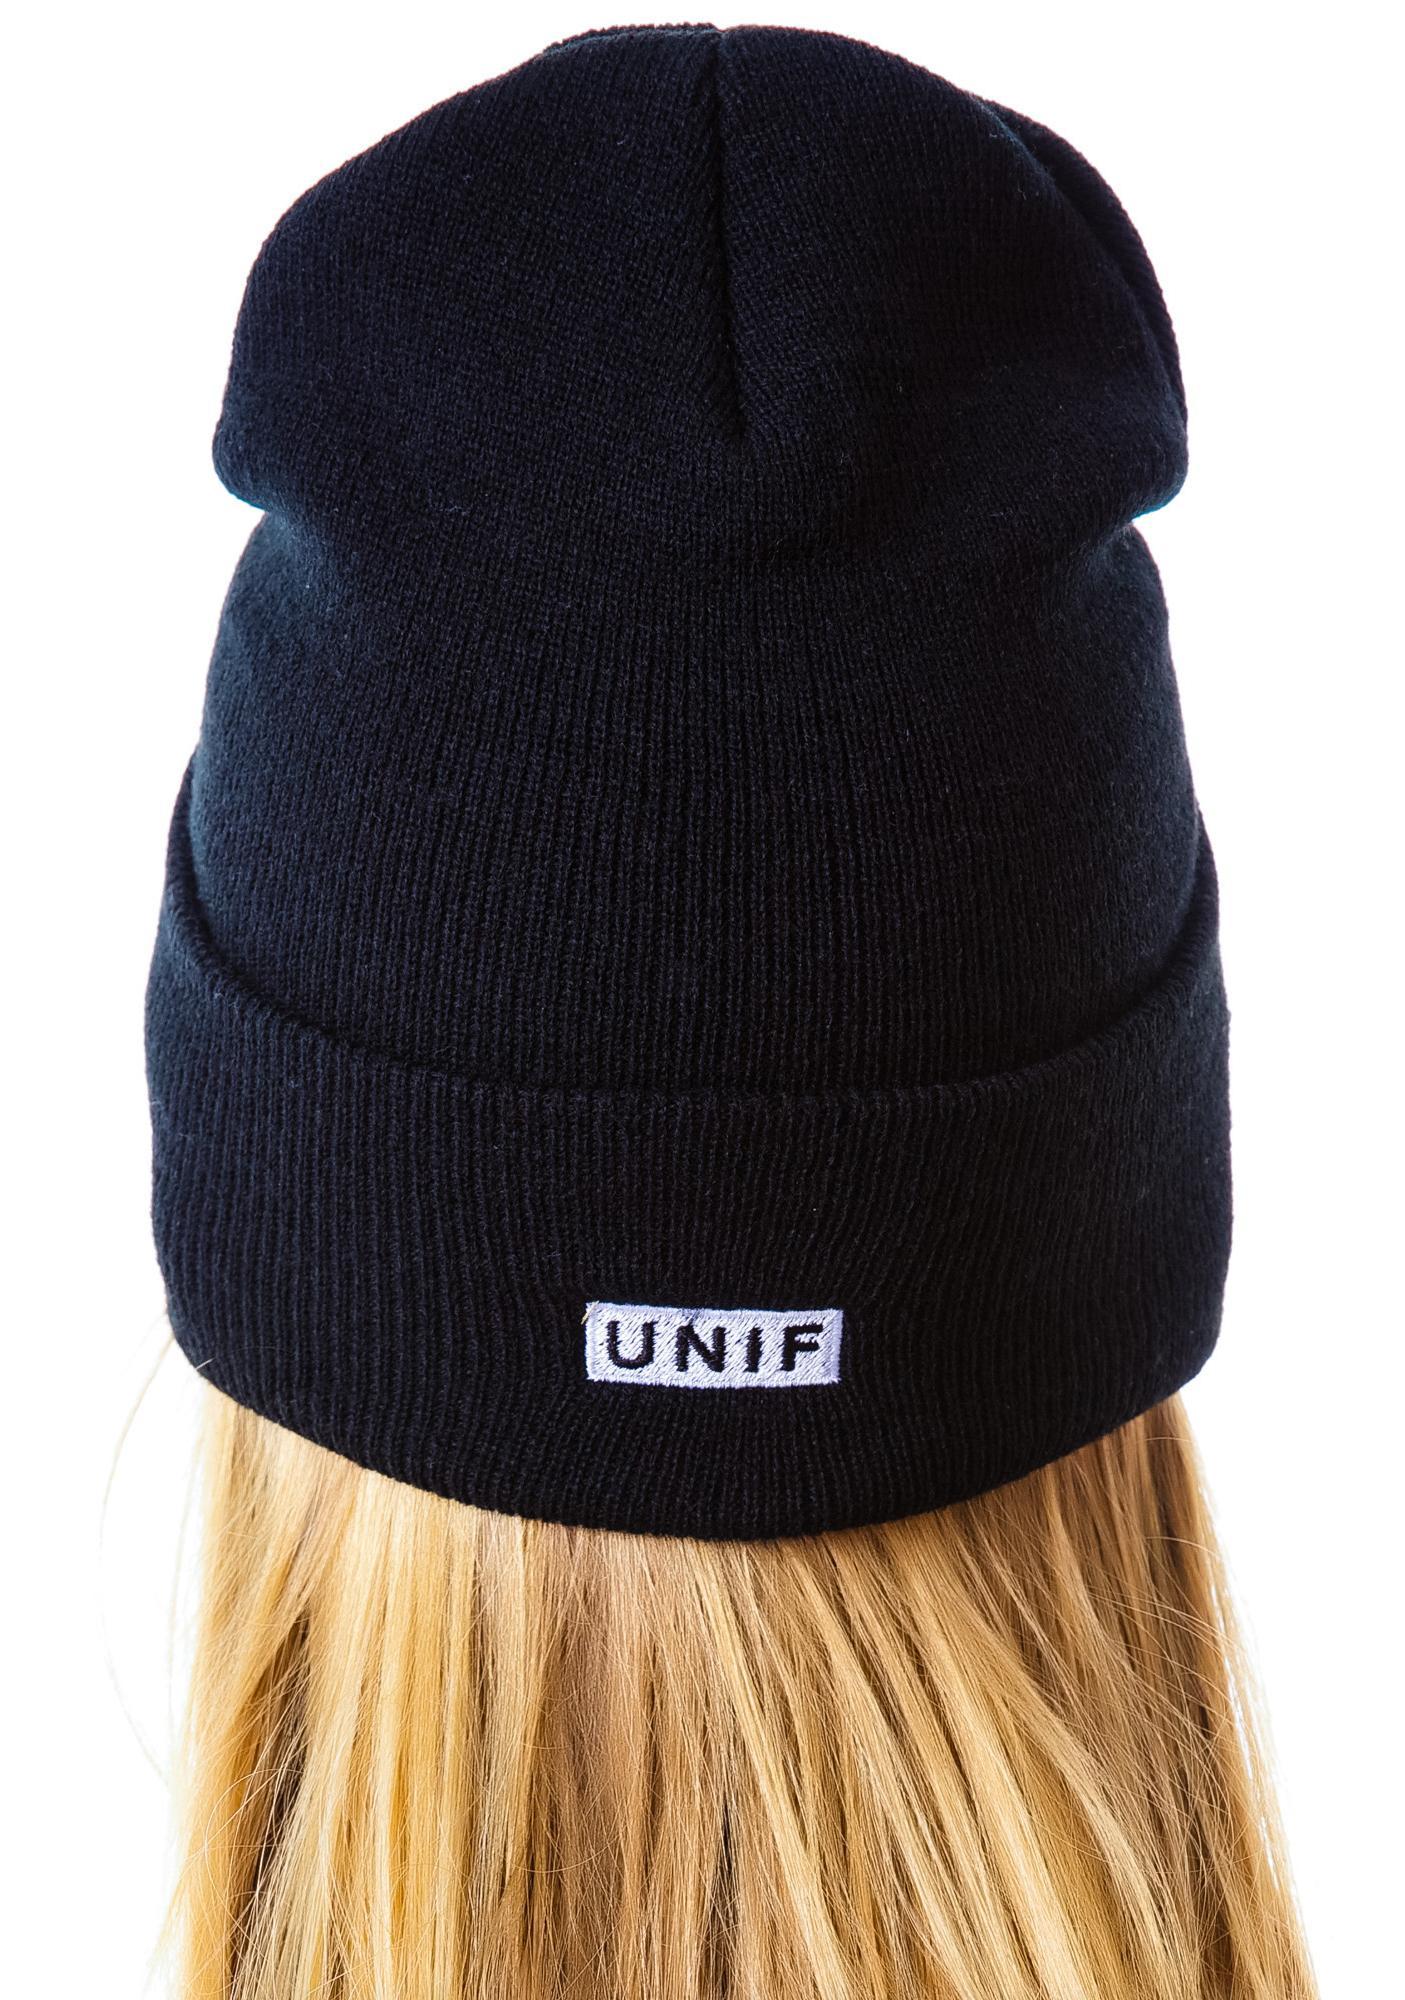 UNIF Sup Bro Beanie